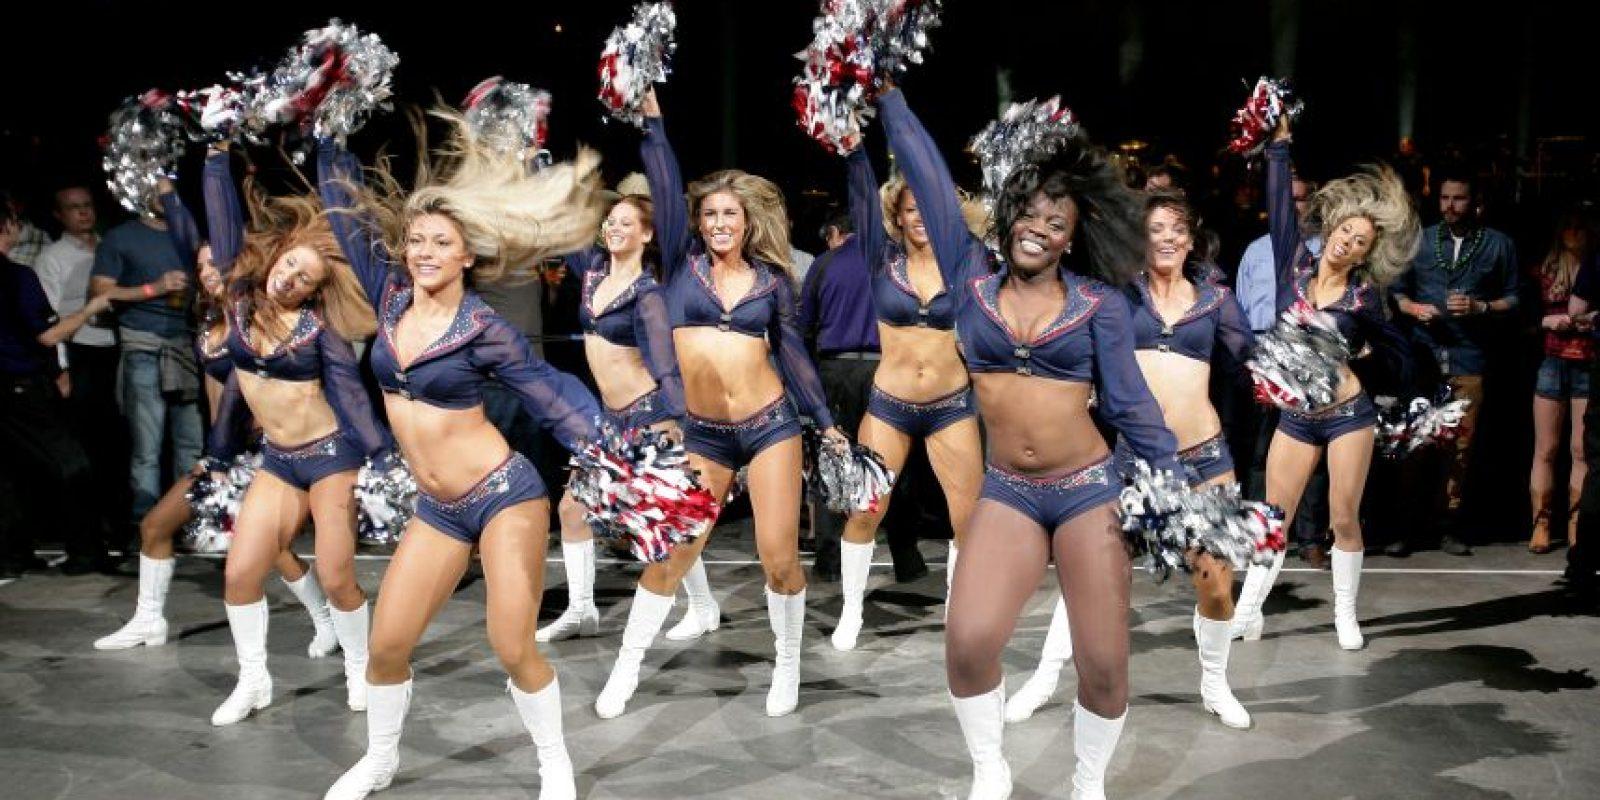 Las cheerleaders de los New England Patriots Foto:AFP